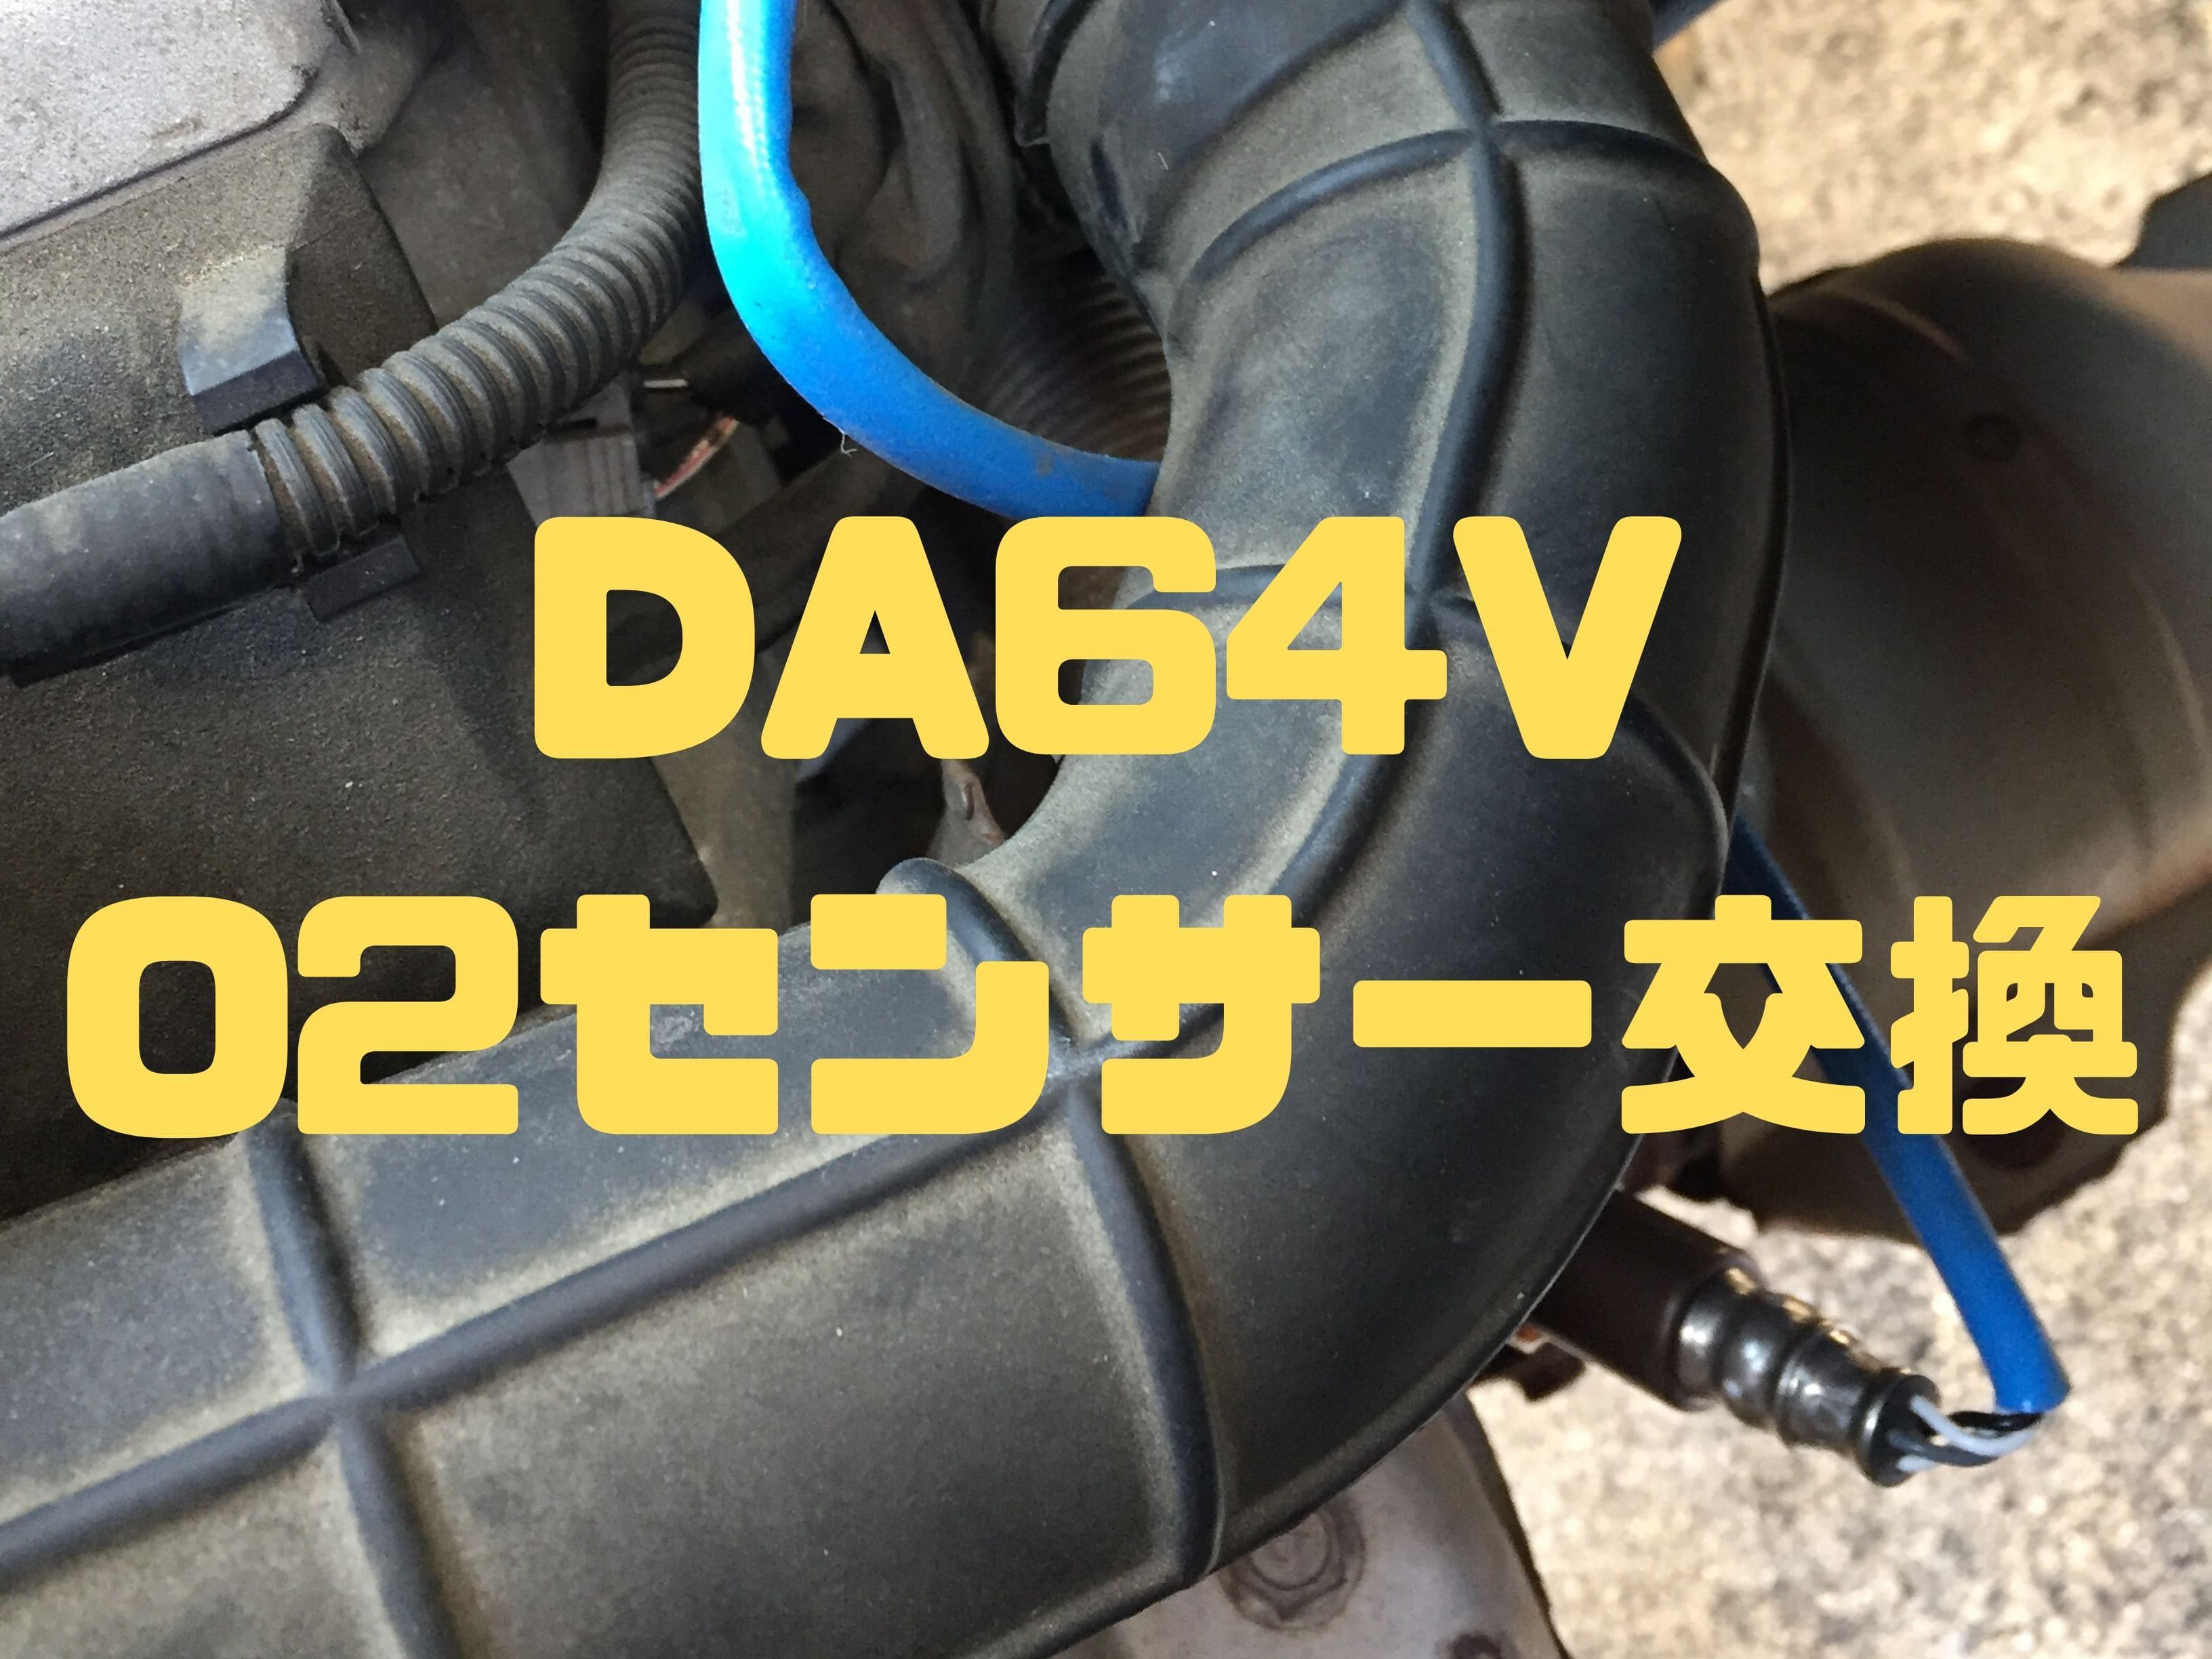 エブリー【DA64V】のエンジンランプがまたまた点灯!